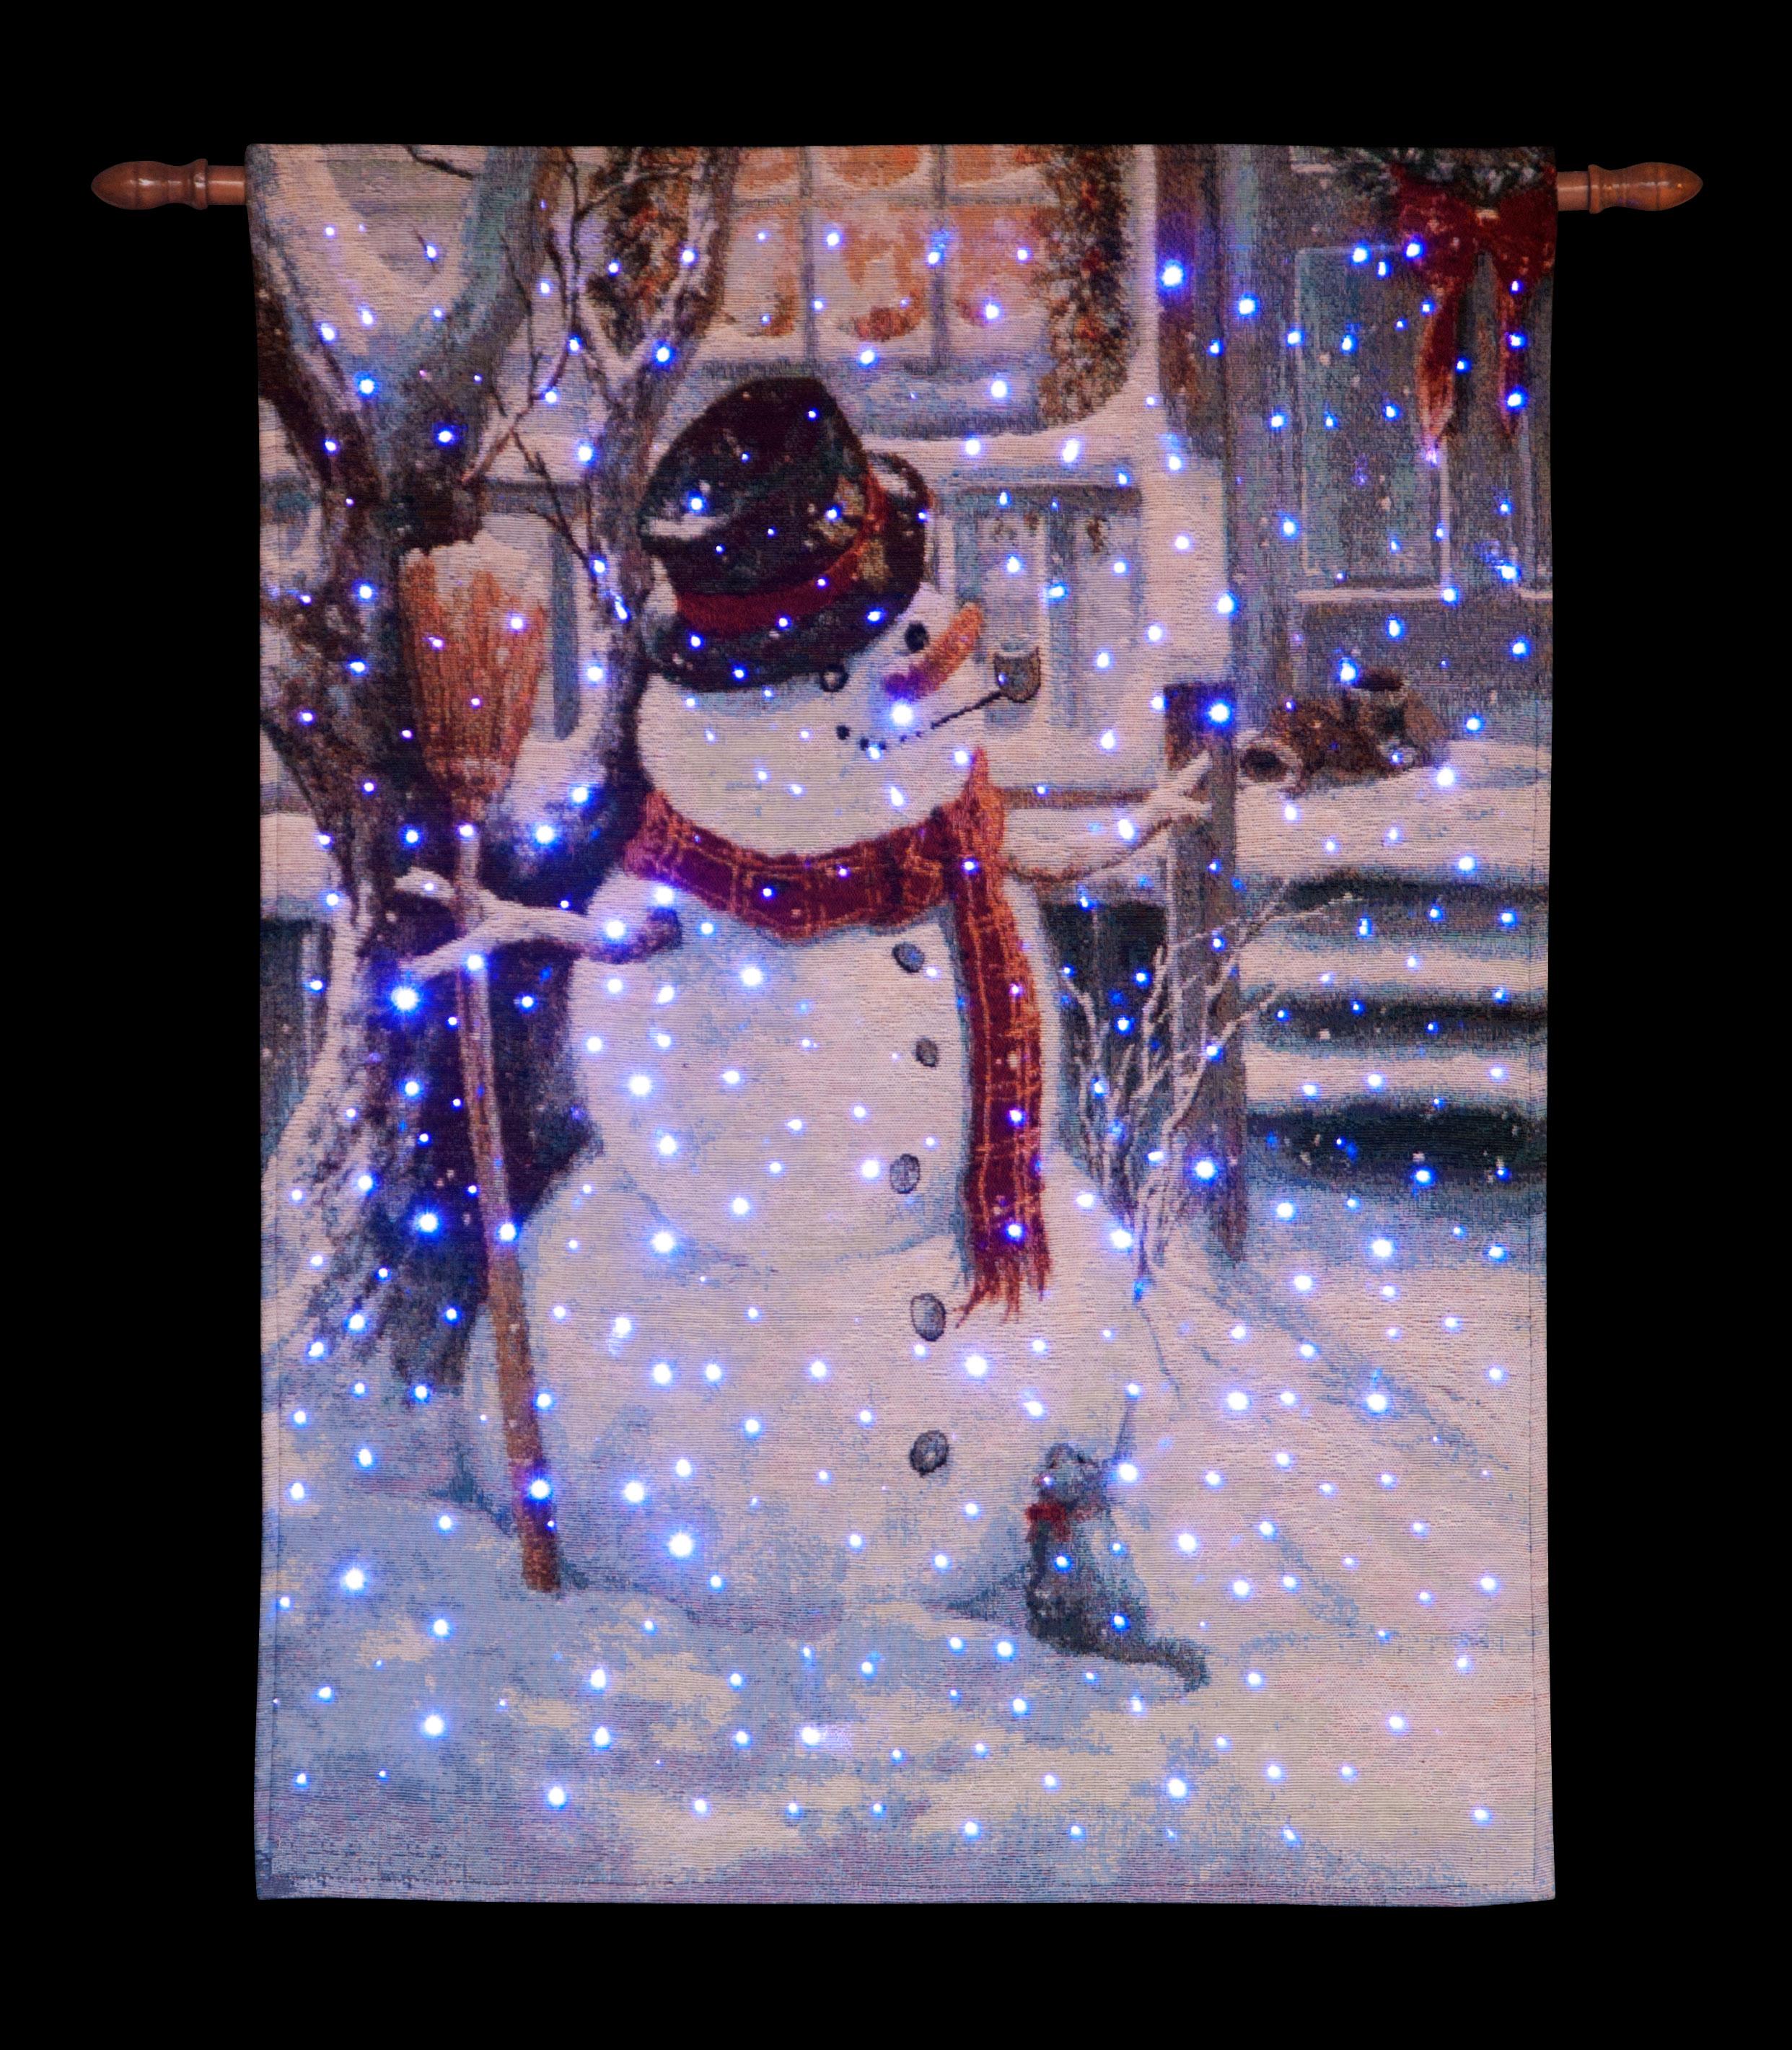 26 x 36in Illuminated Snowman & Kitten Hanging Tapestry